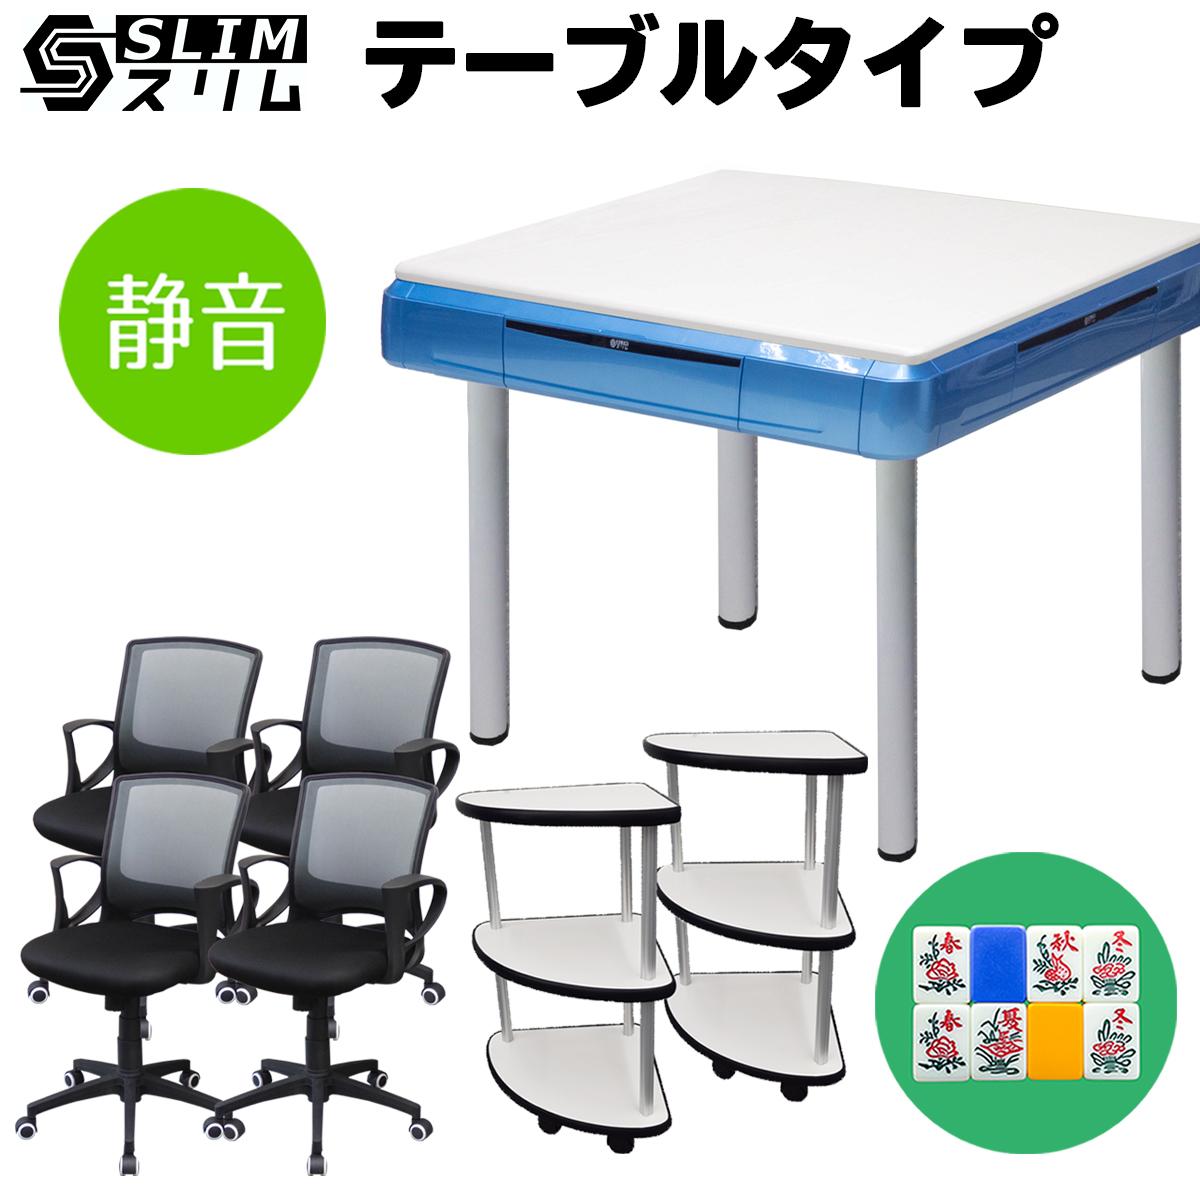 全自動麻雀卓 スリム テーブル 麻雀椅子ジュピター4脚+サイドテーブル2本+花牌+天板セット 【静音 軽量】